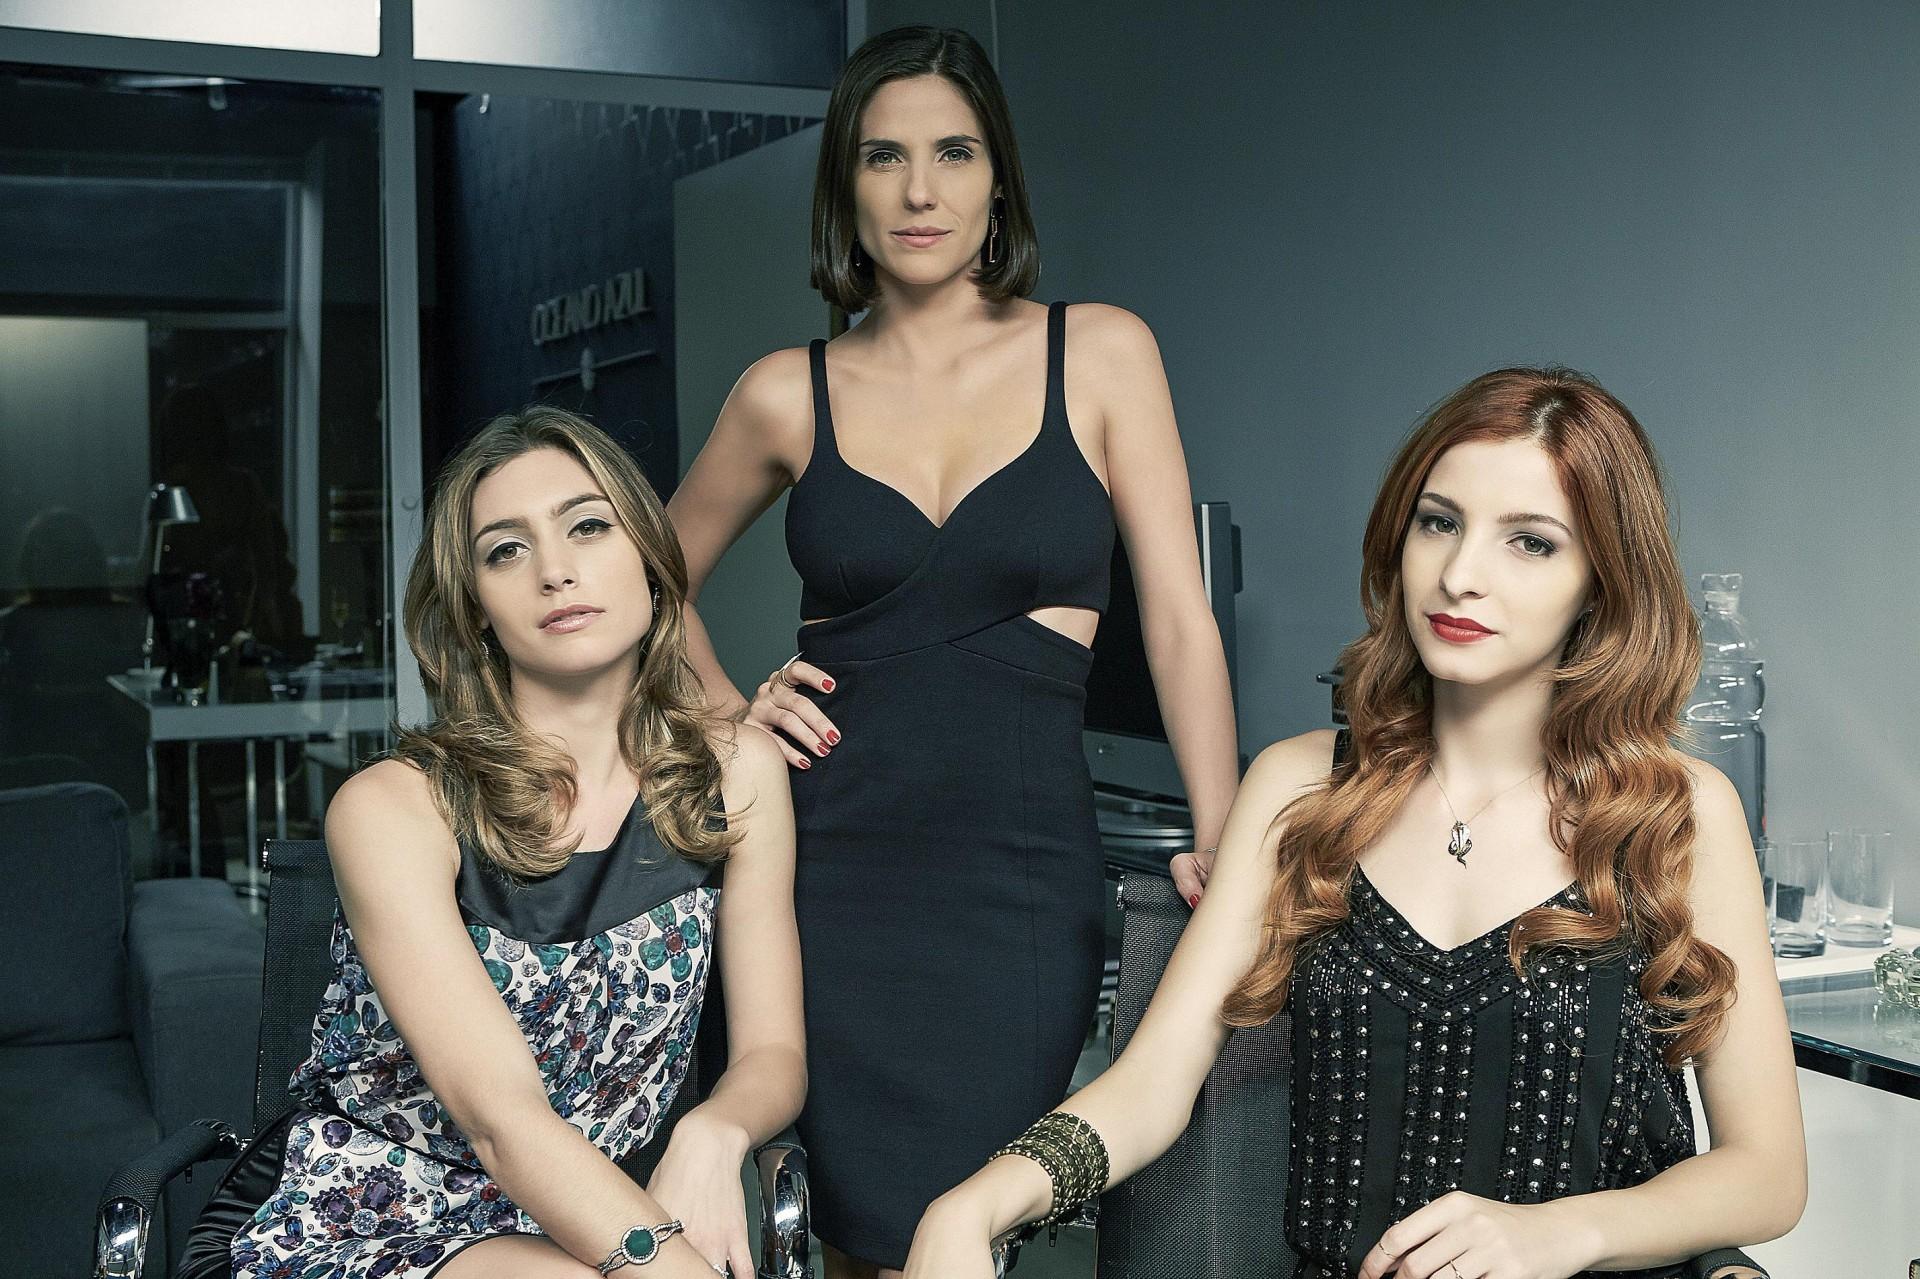 Rafaela Mandelli, Juliana Schalch e Michelle Batista, da esquerda para a direita.